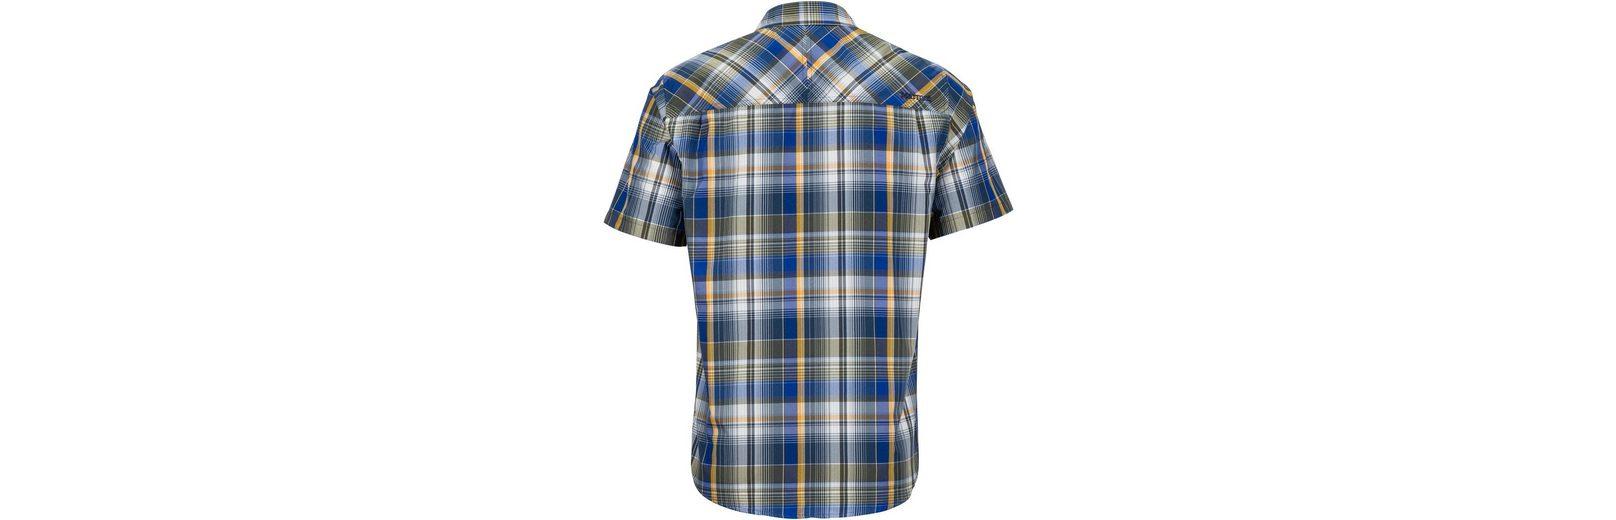 Marmot Bluse Echo SS Shirt Men Neu Zu Verkaufen fuO1bN